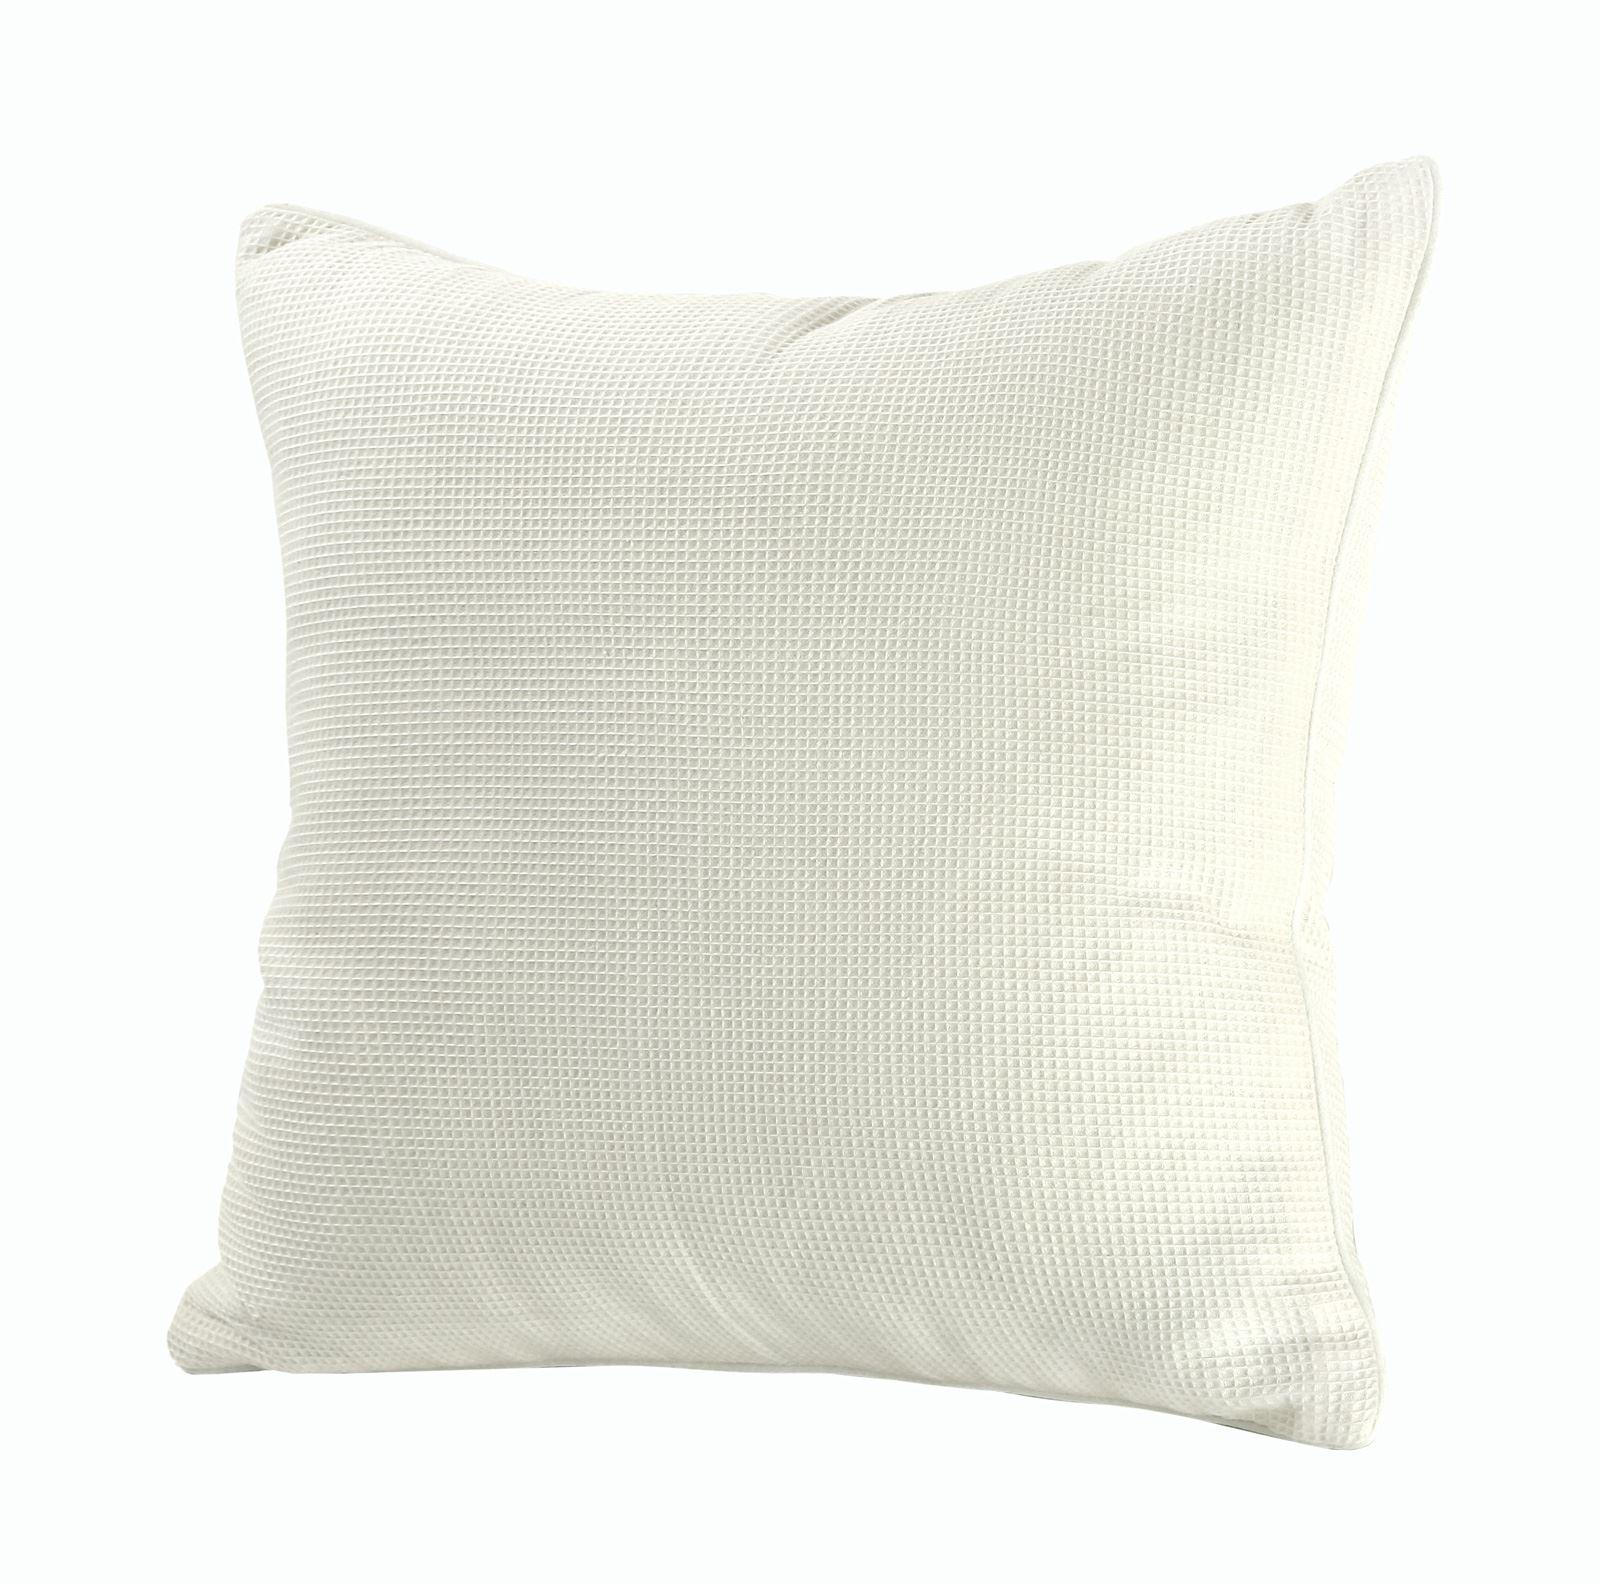 100-Algodon-Cuidado-facil-cubierta-del-edredon-edredon-multicolor-nuevo-conjunto-de-ropa-de-cama miniatura 20